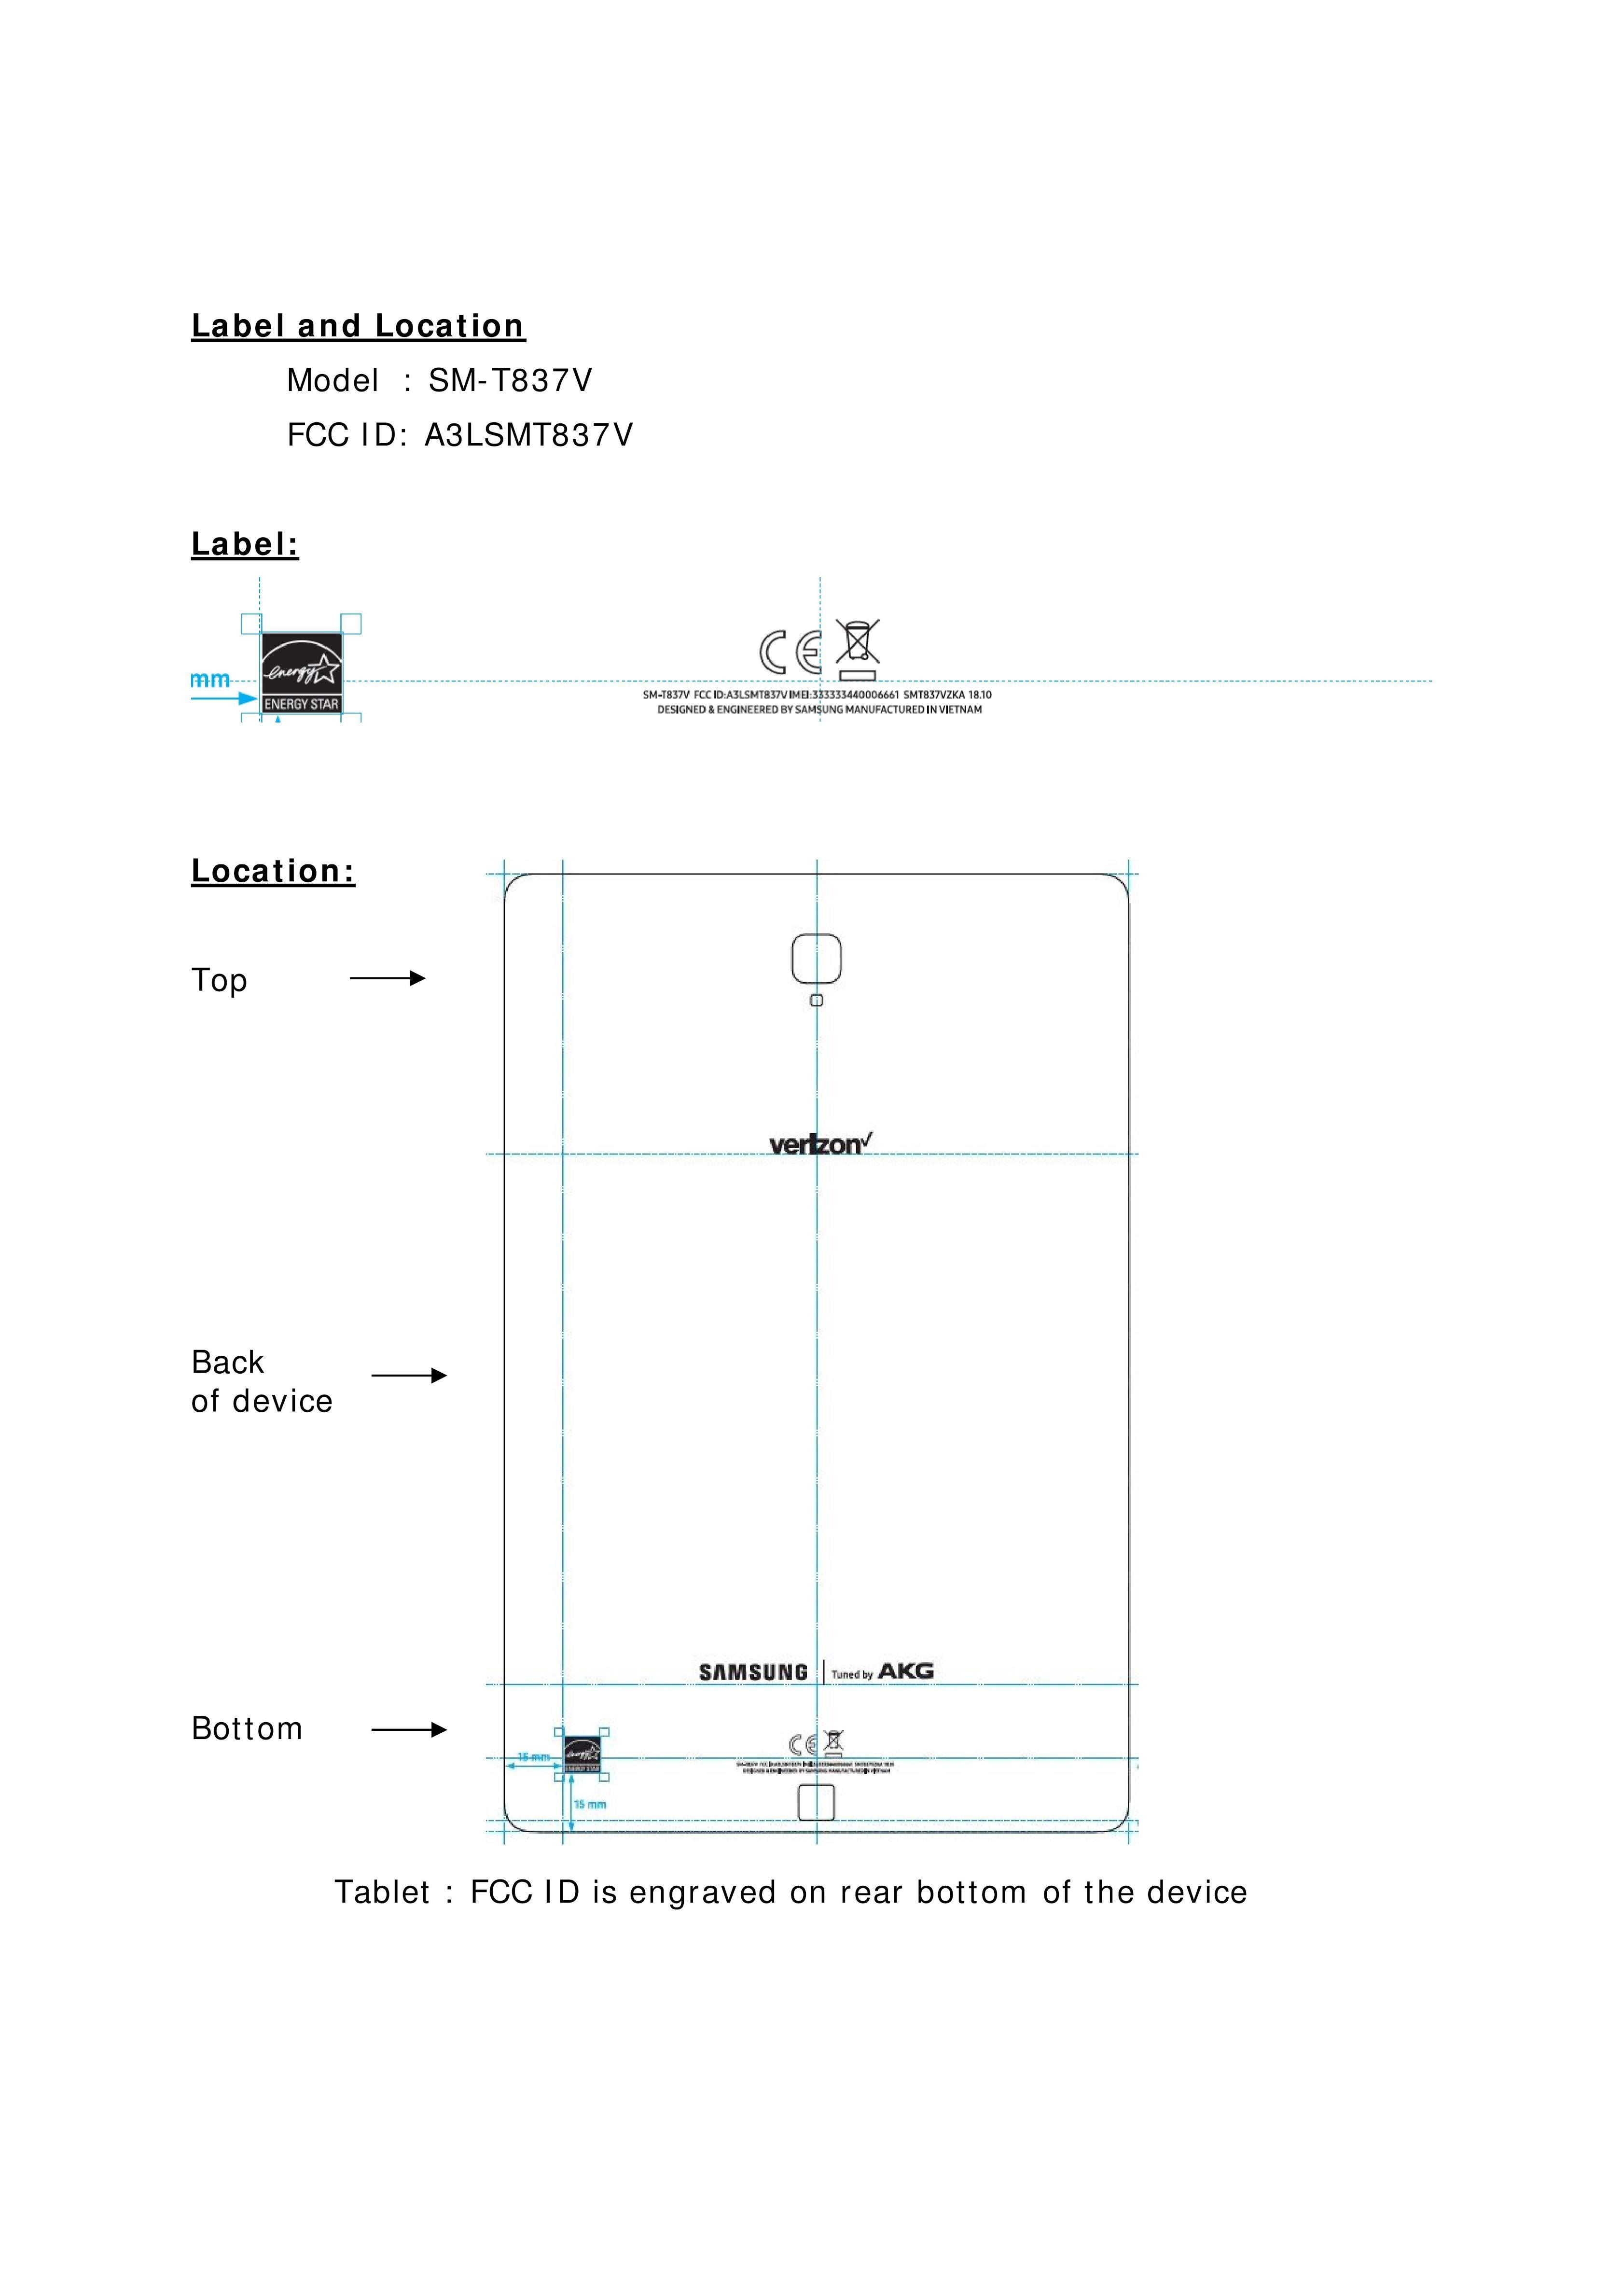 تصميم Galaxy Tab S4 يظهر بفضل هيئة الإتصالات الفيدرالية FCC